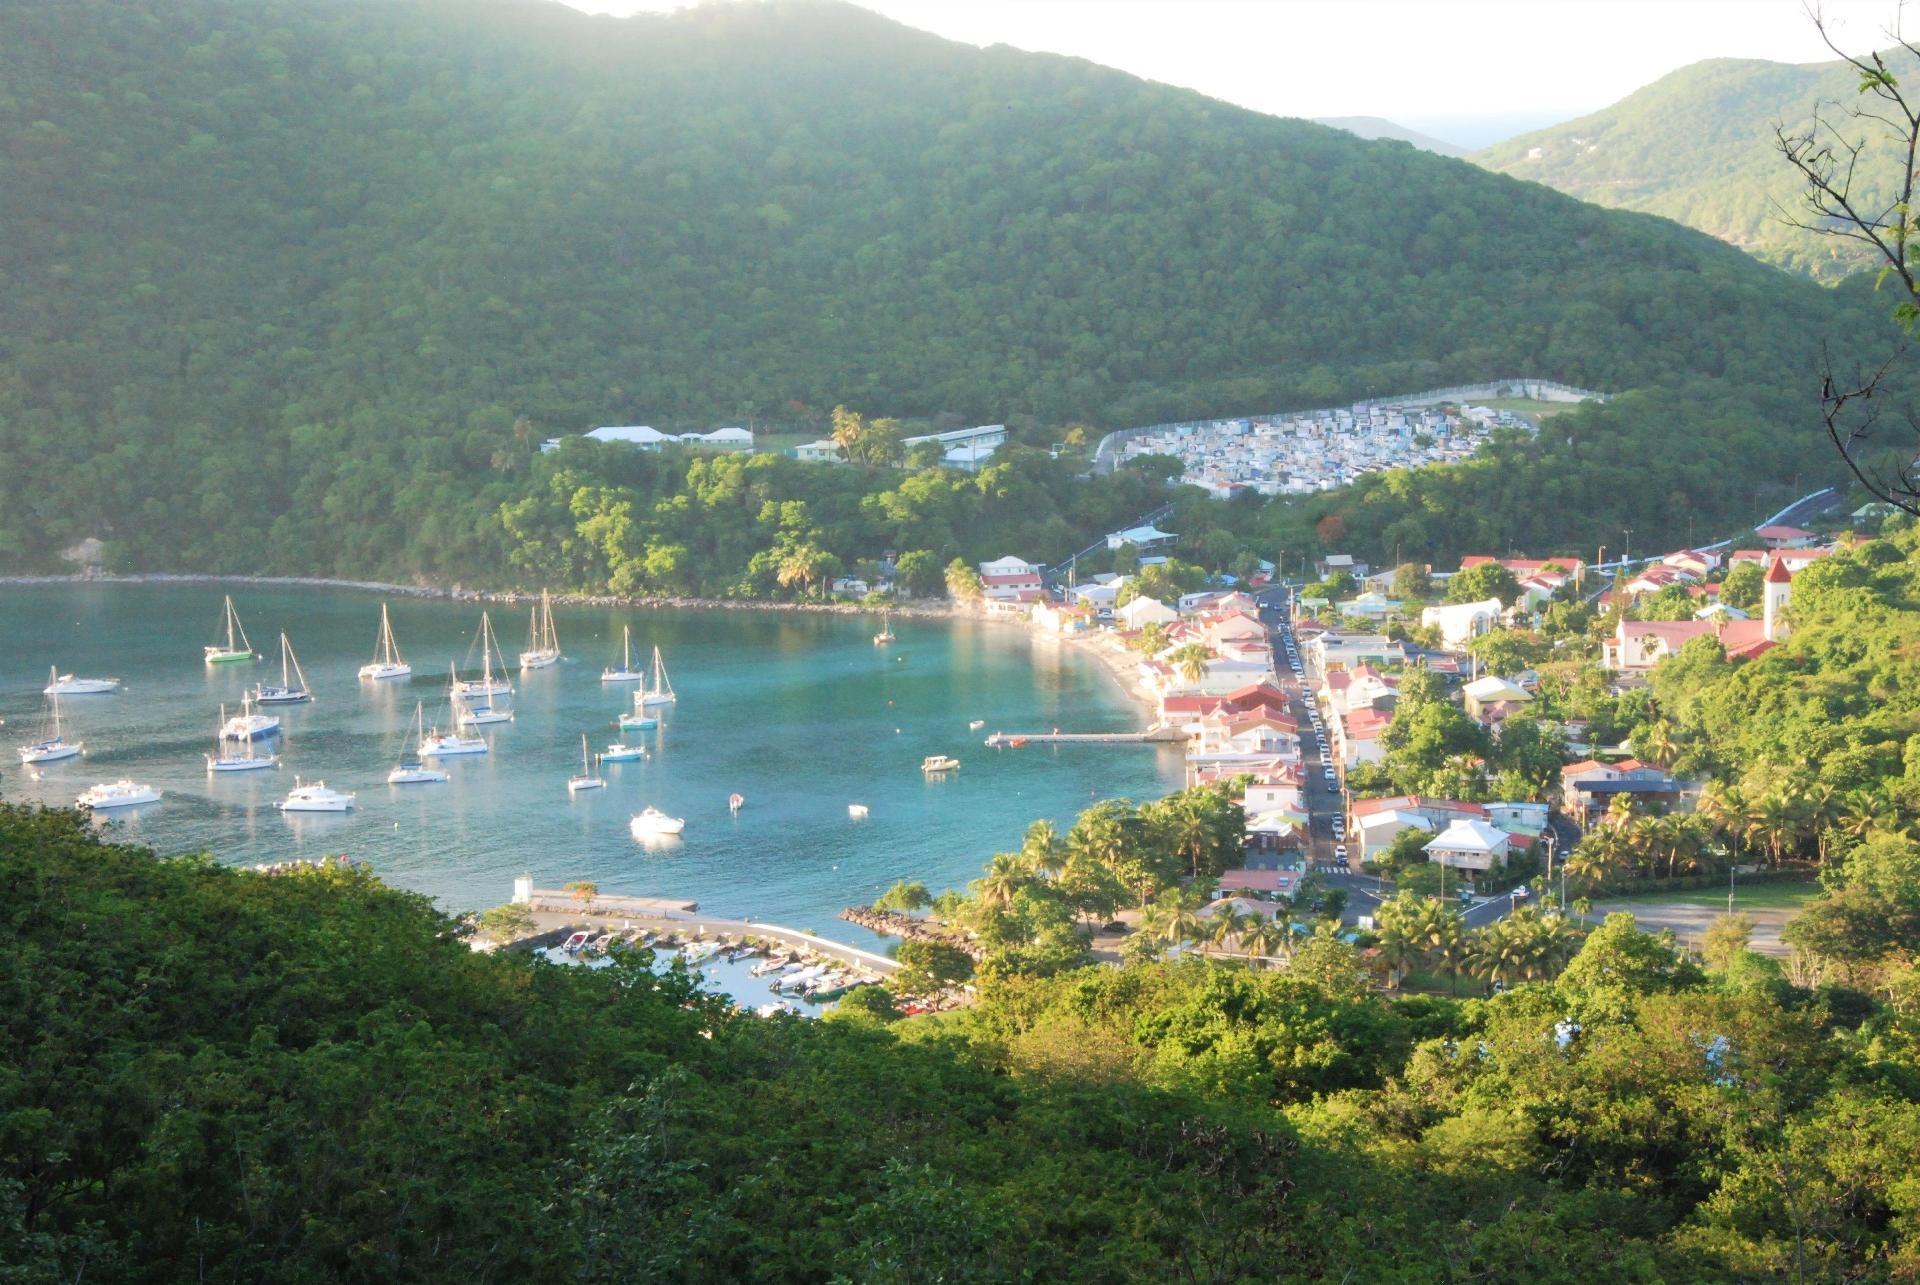 Ferienhaus für 4 Personen  + 2 Kinder ca. 175  in Guadeloupe